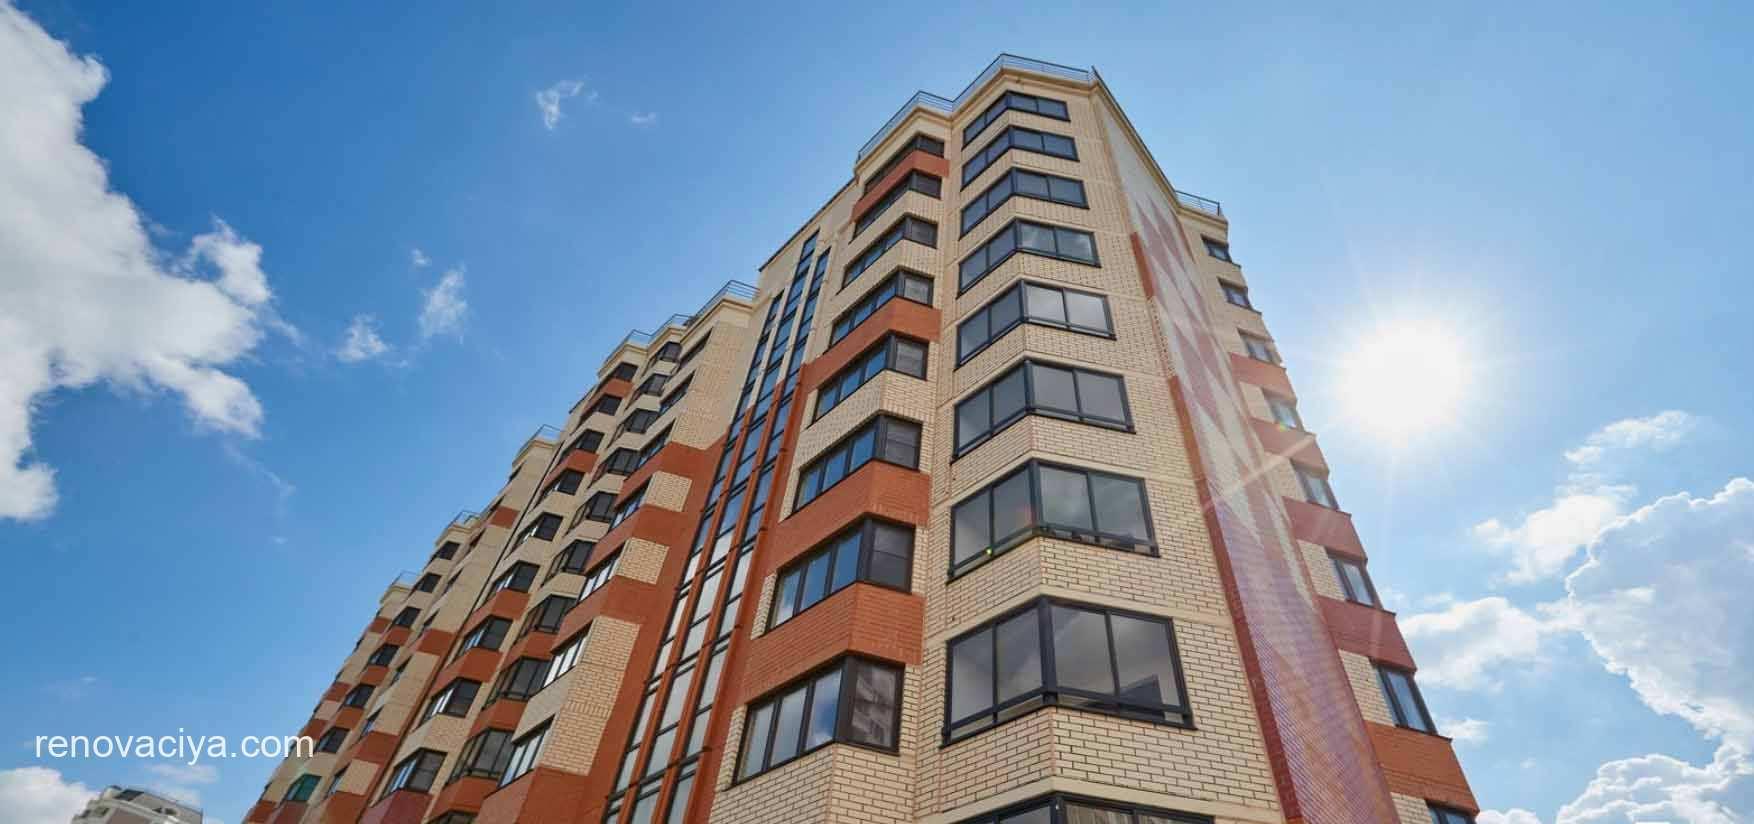 В 2018 году начато строительство 14 тысяч квартир